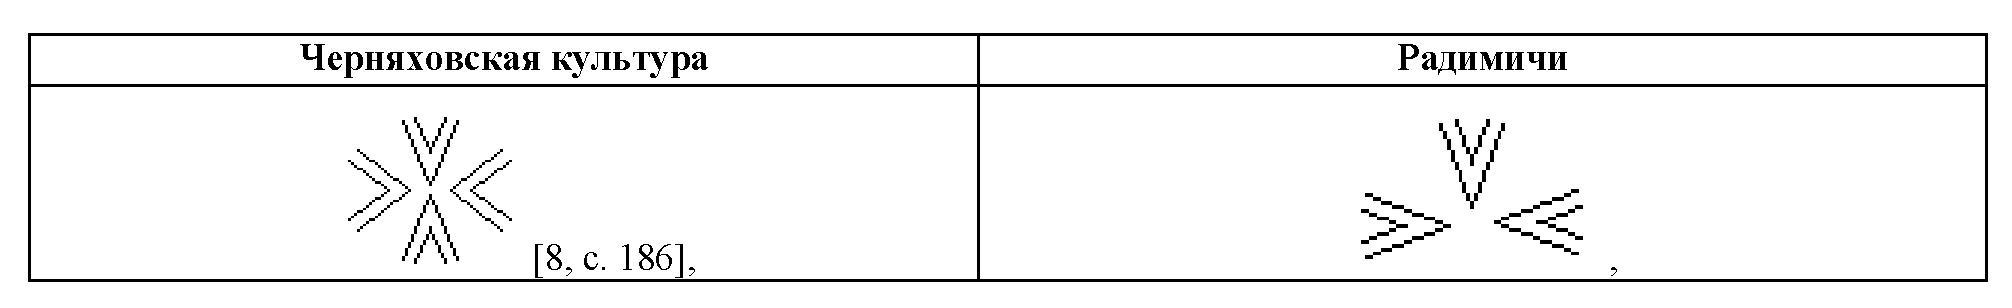 Таблица 7. Сравнение графических символов радимичей с символами черняховской культуры